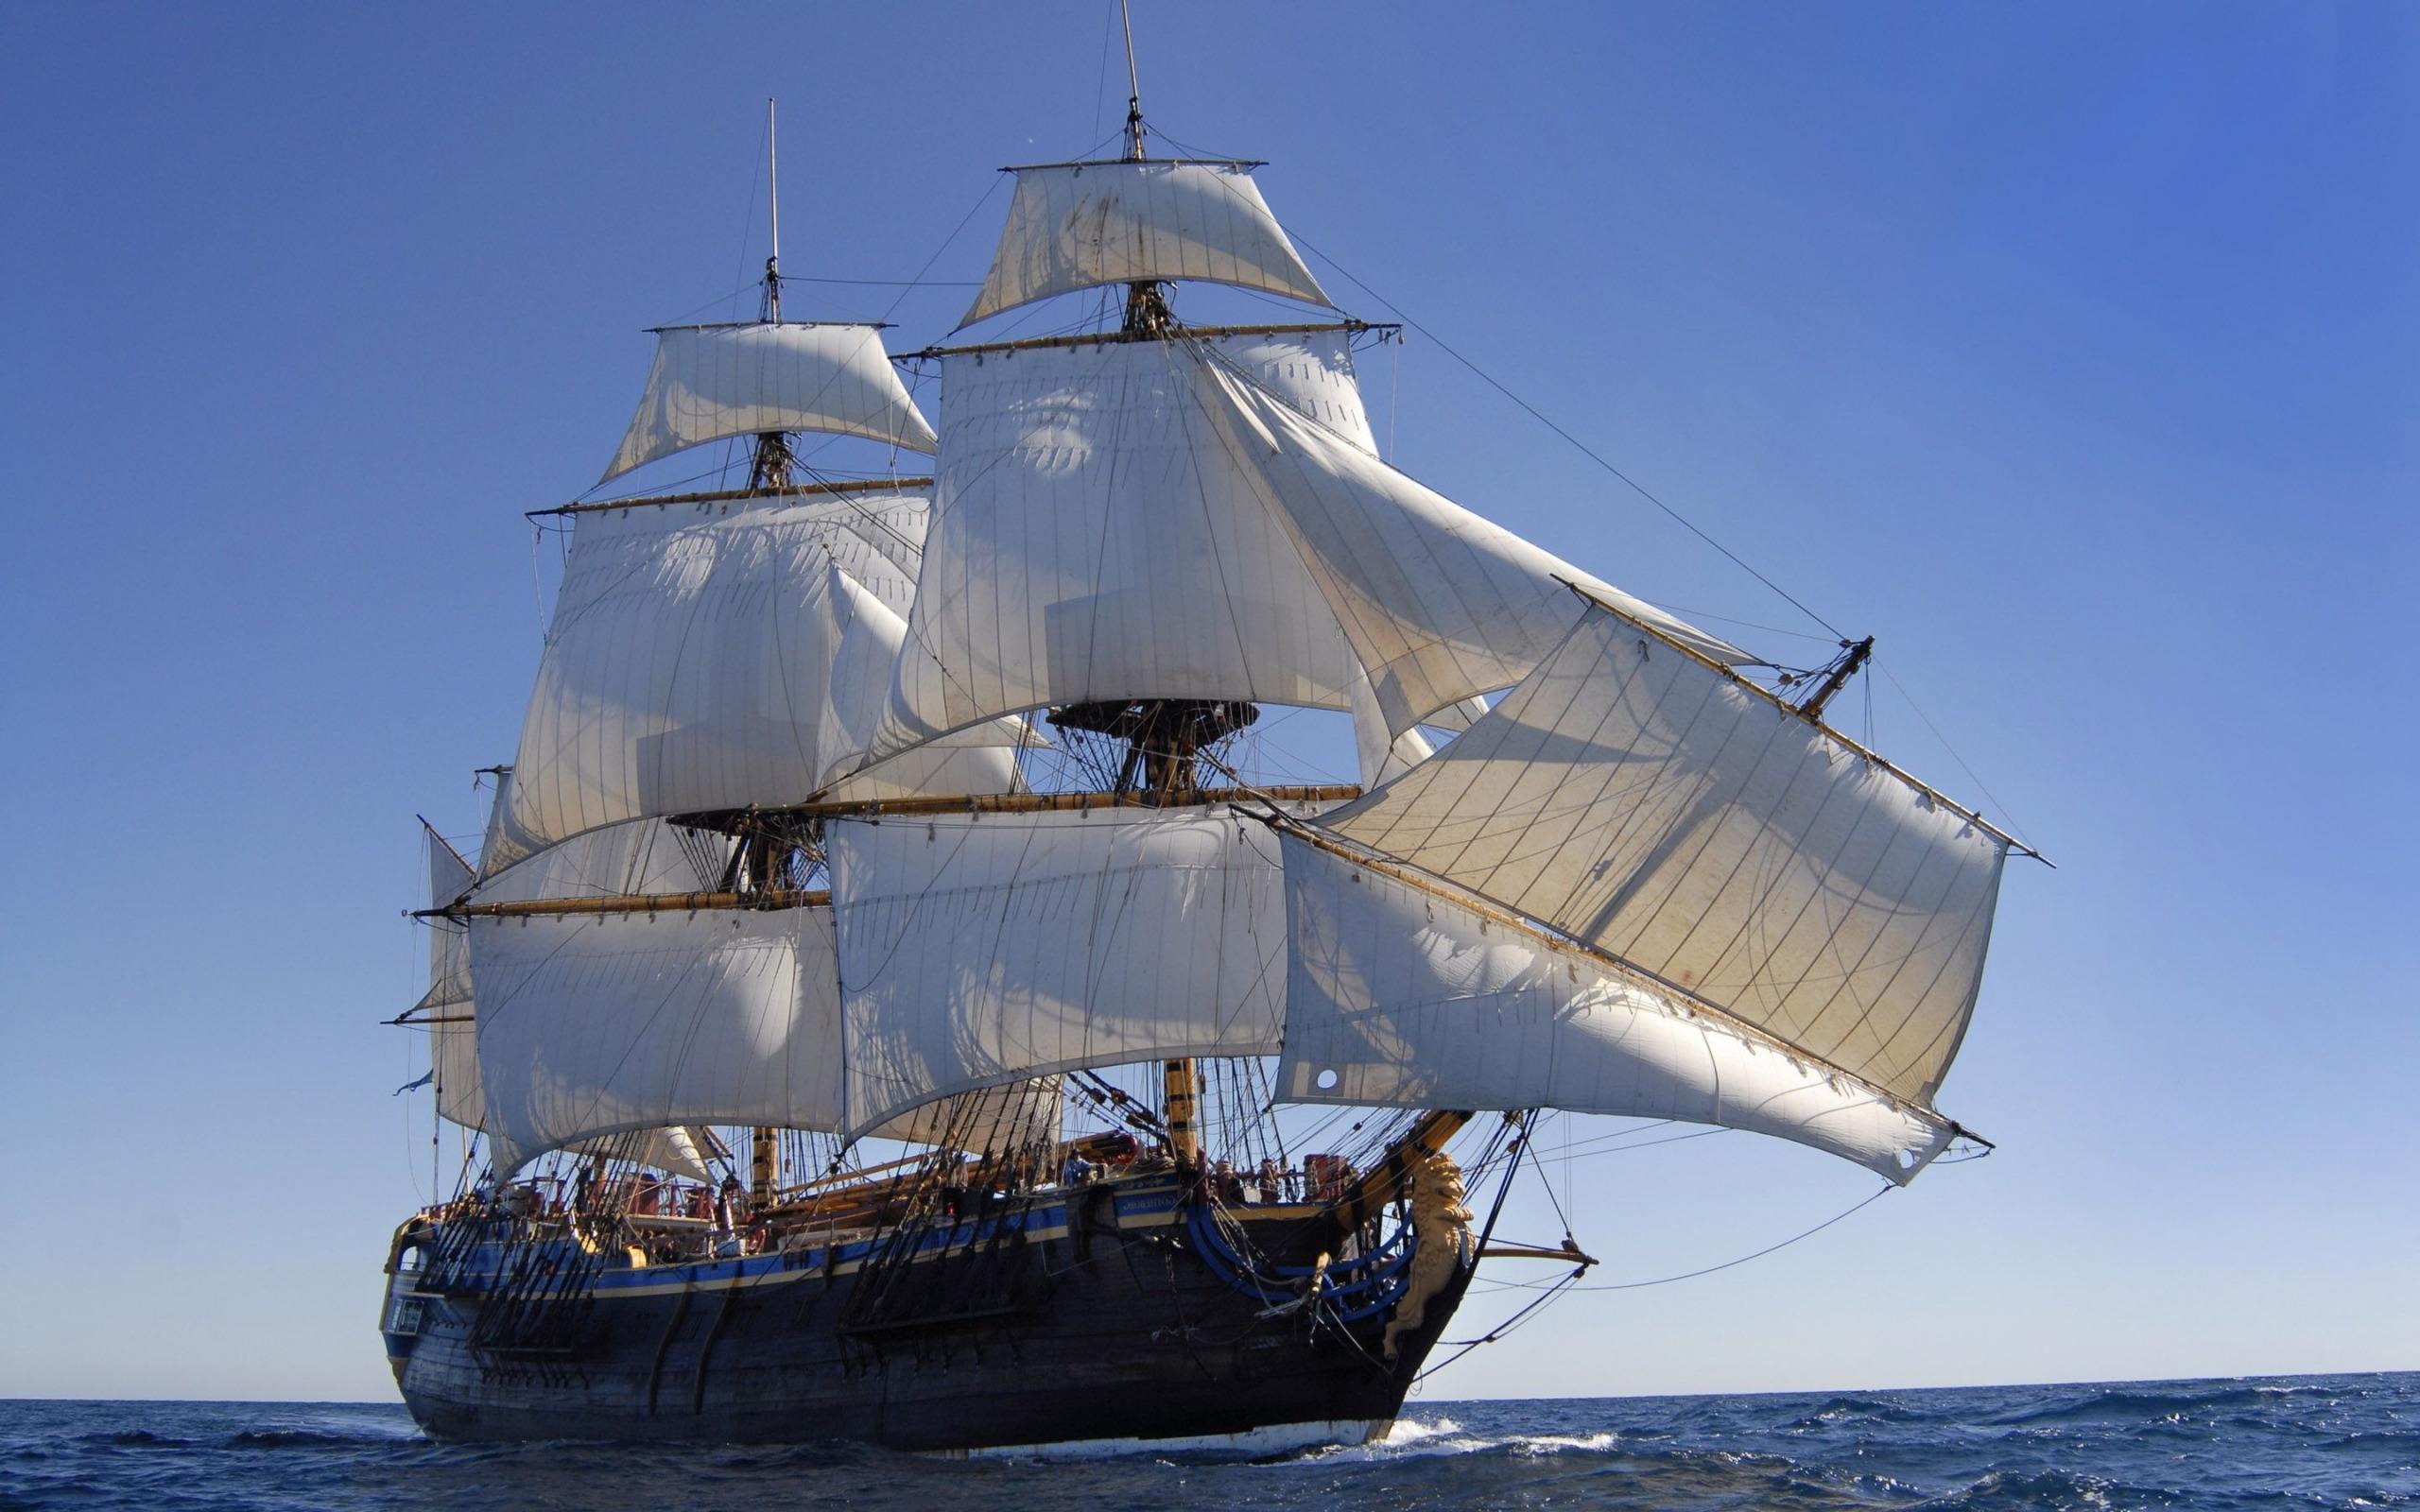 Картинки парусные корабли в море